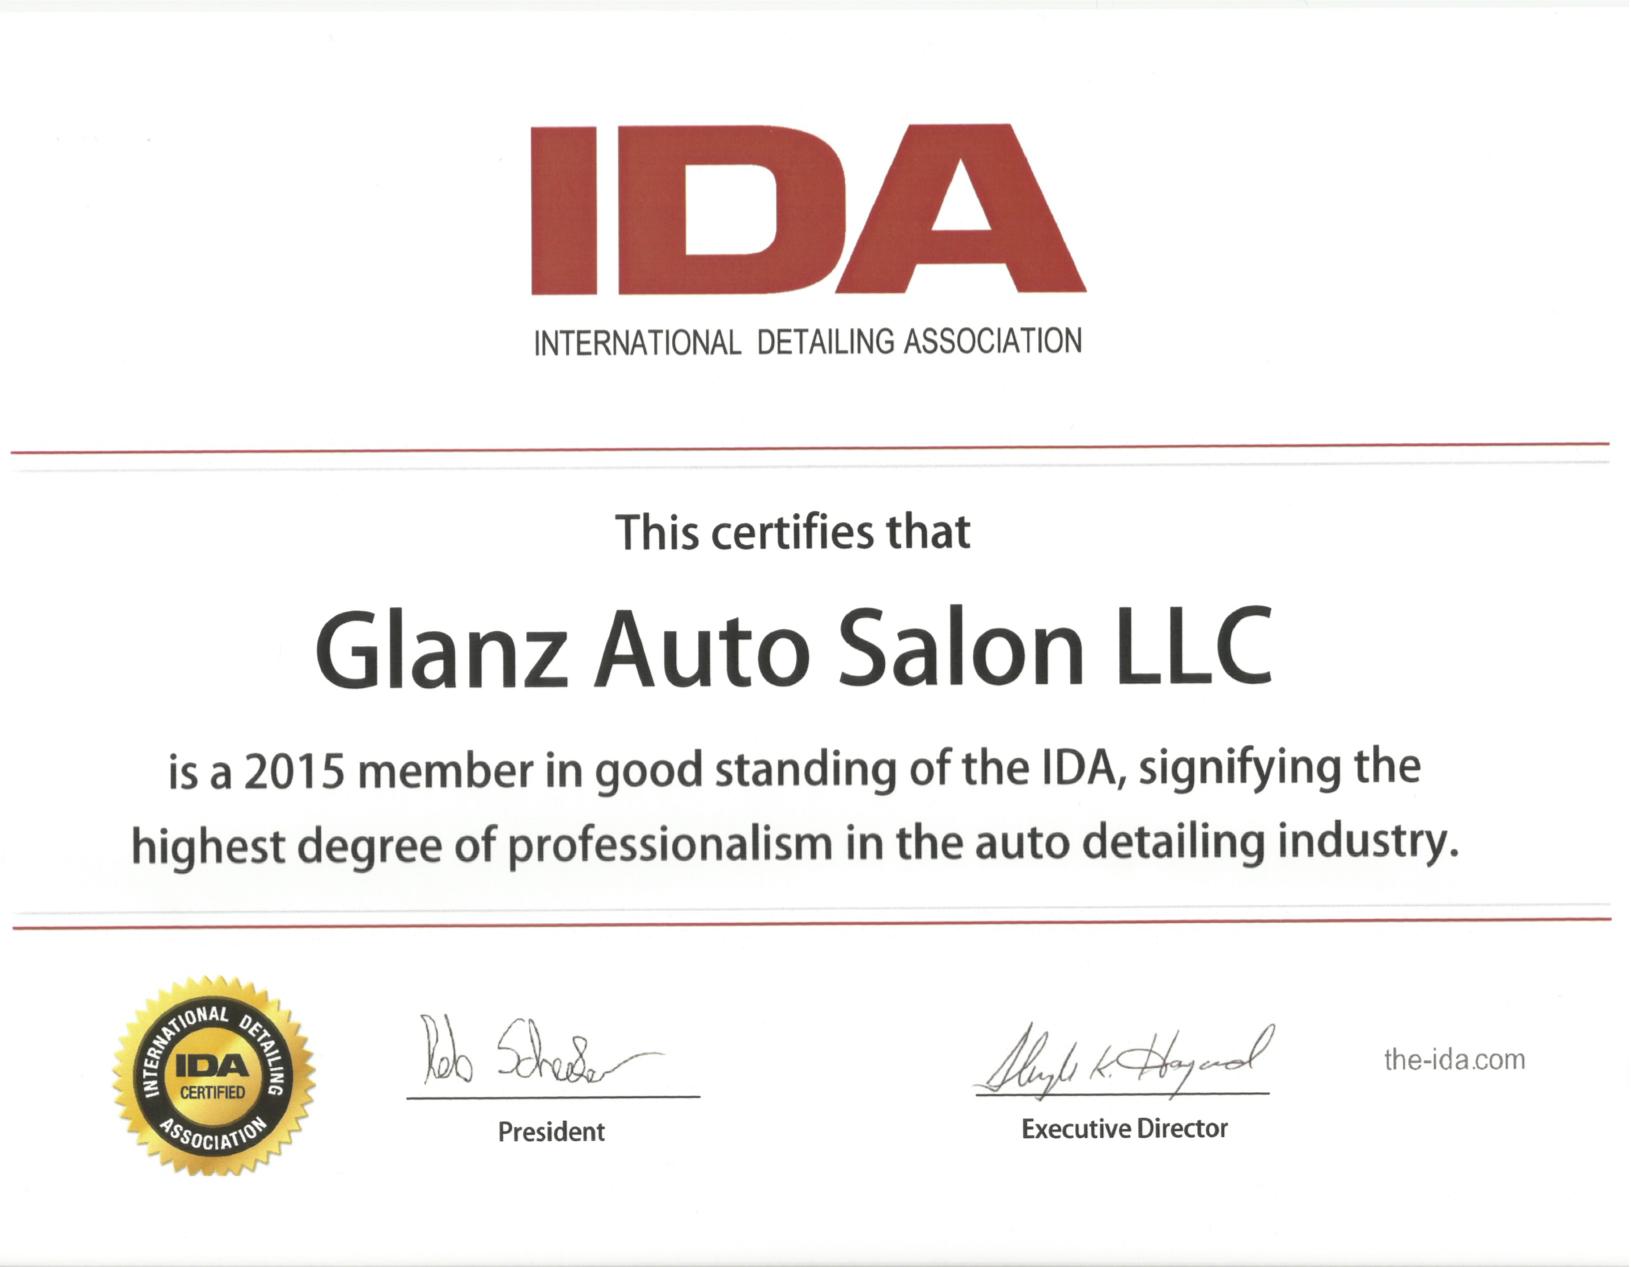 About Glanz Auto Salon Mobile Auto Detailing Car Wash